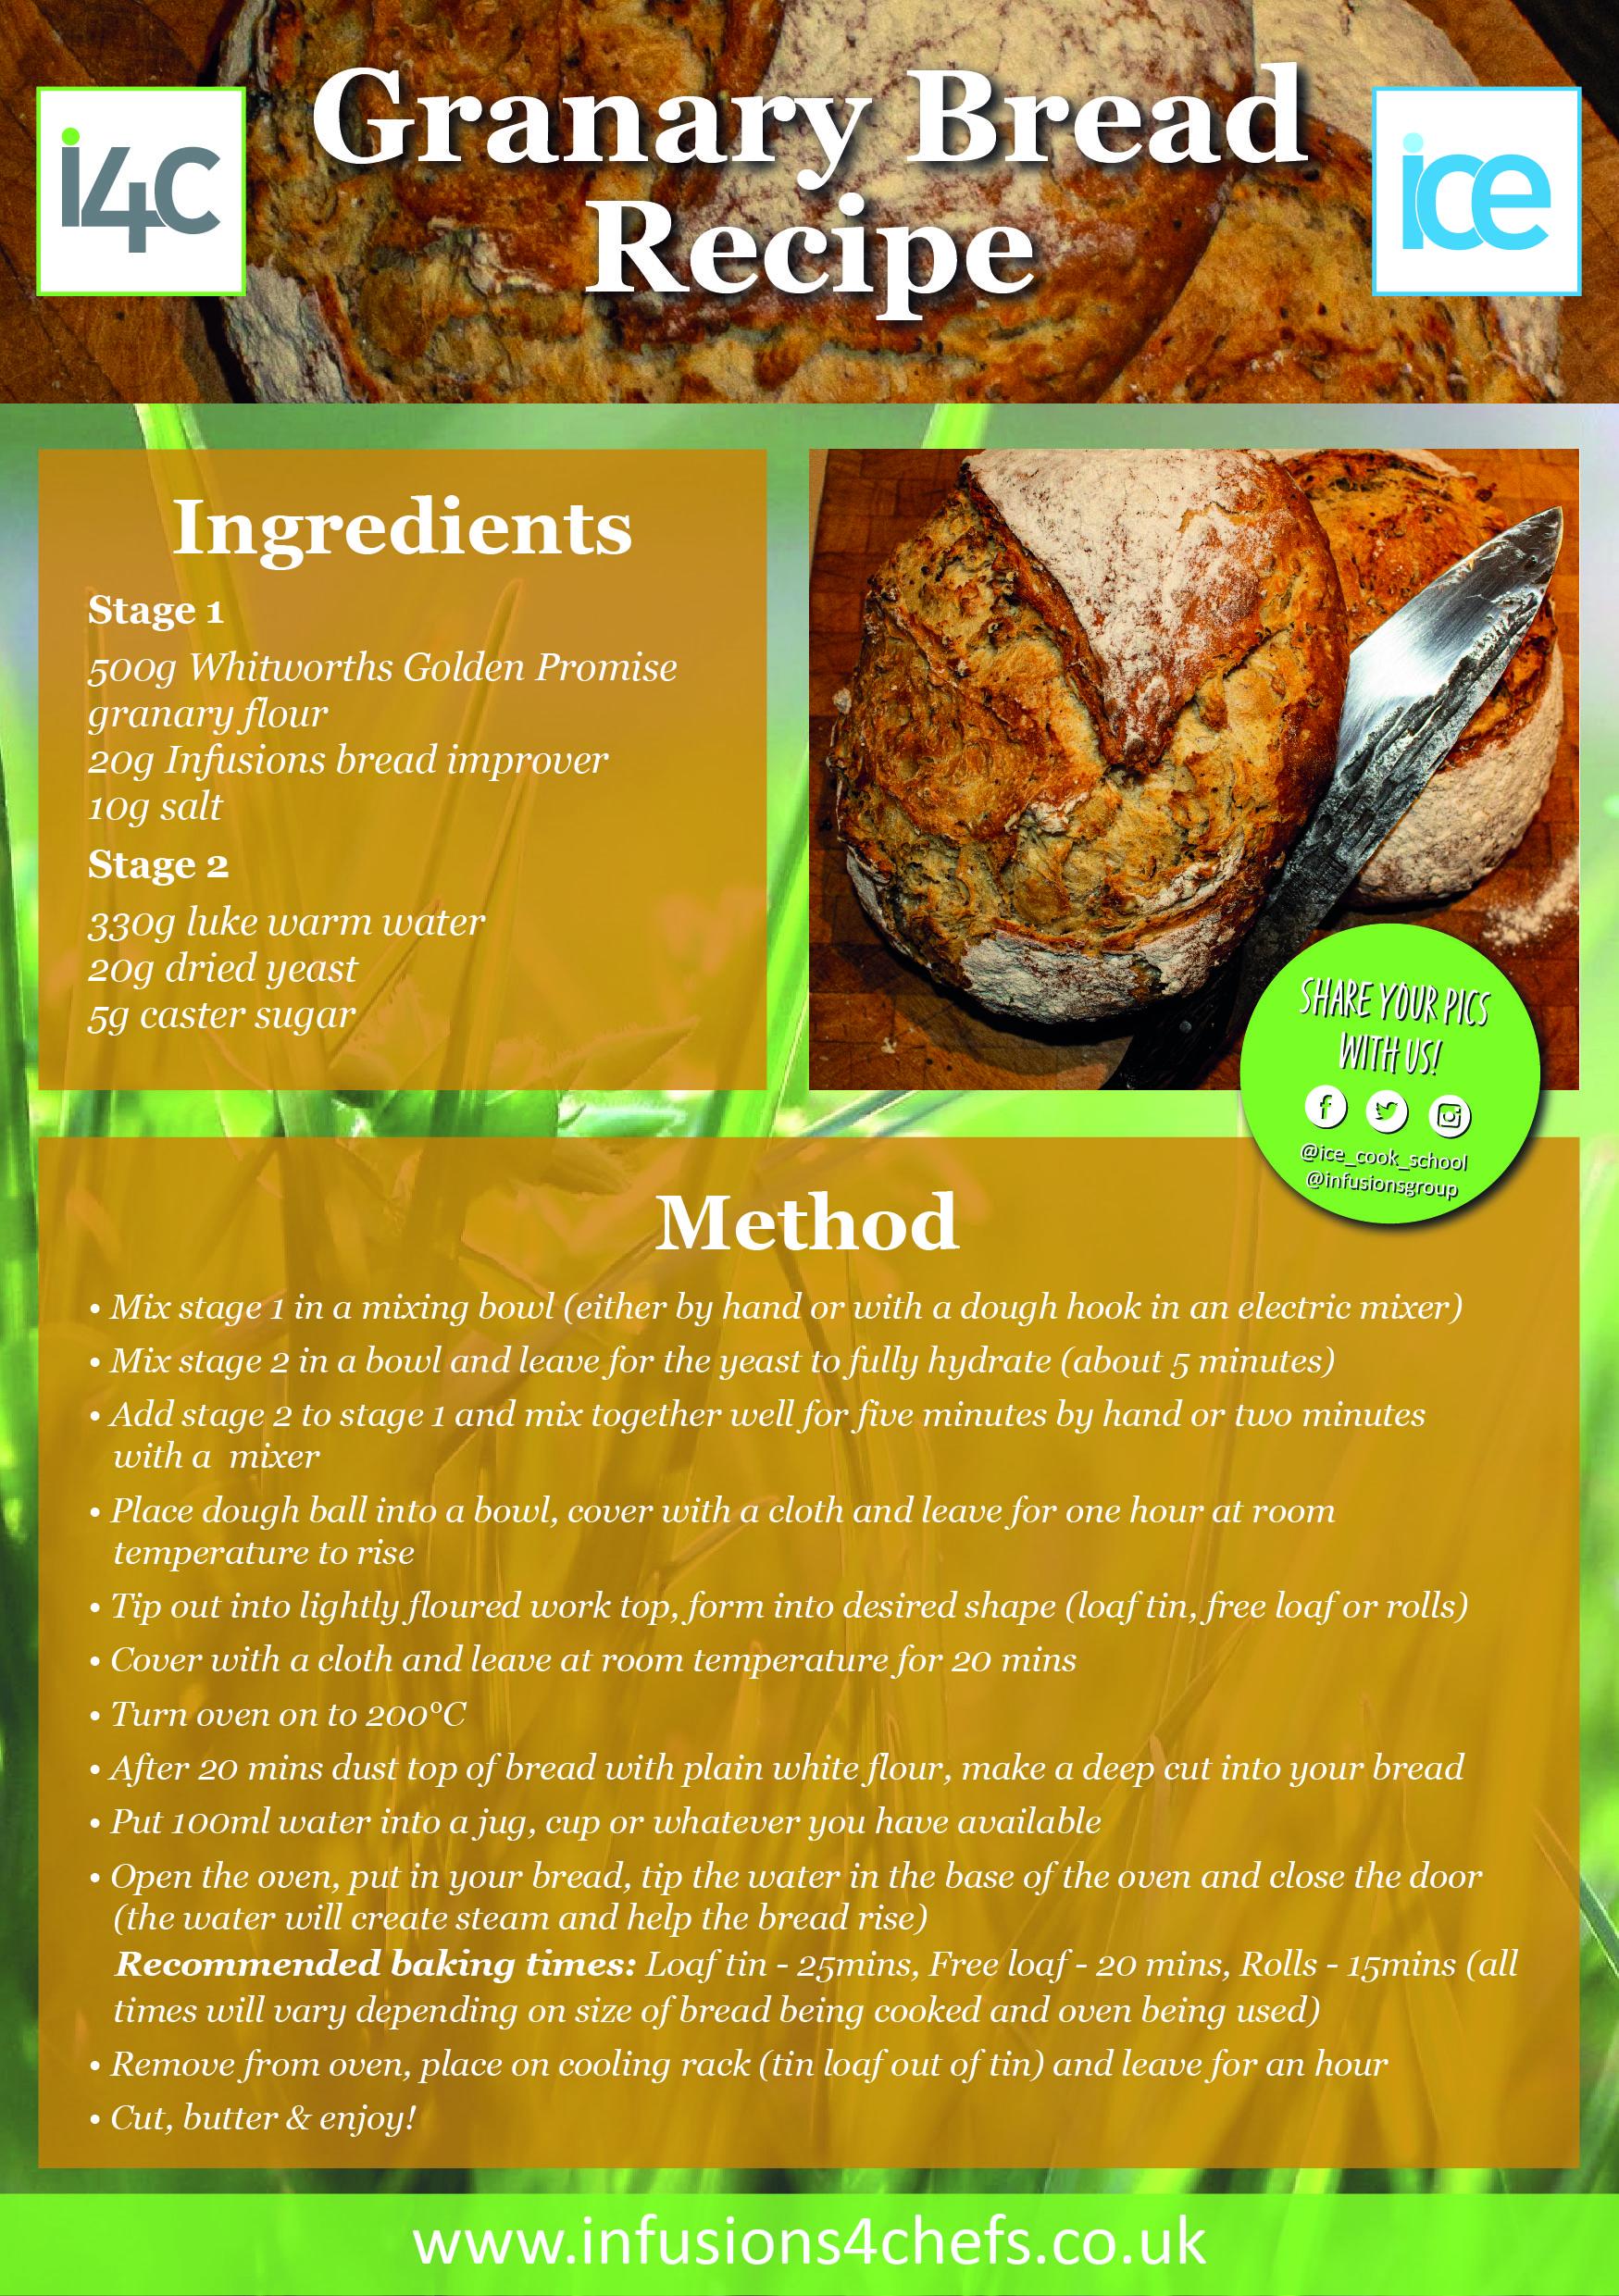 granary-bread-recipe-01.jpg